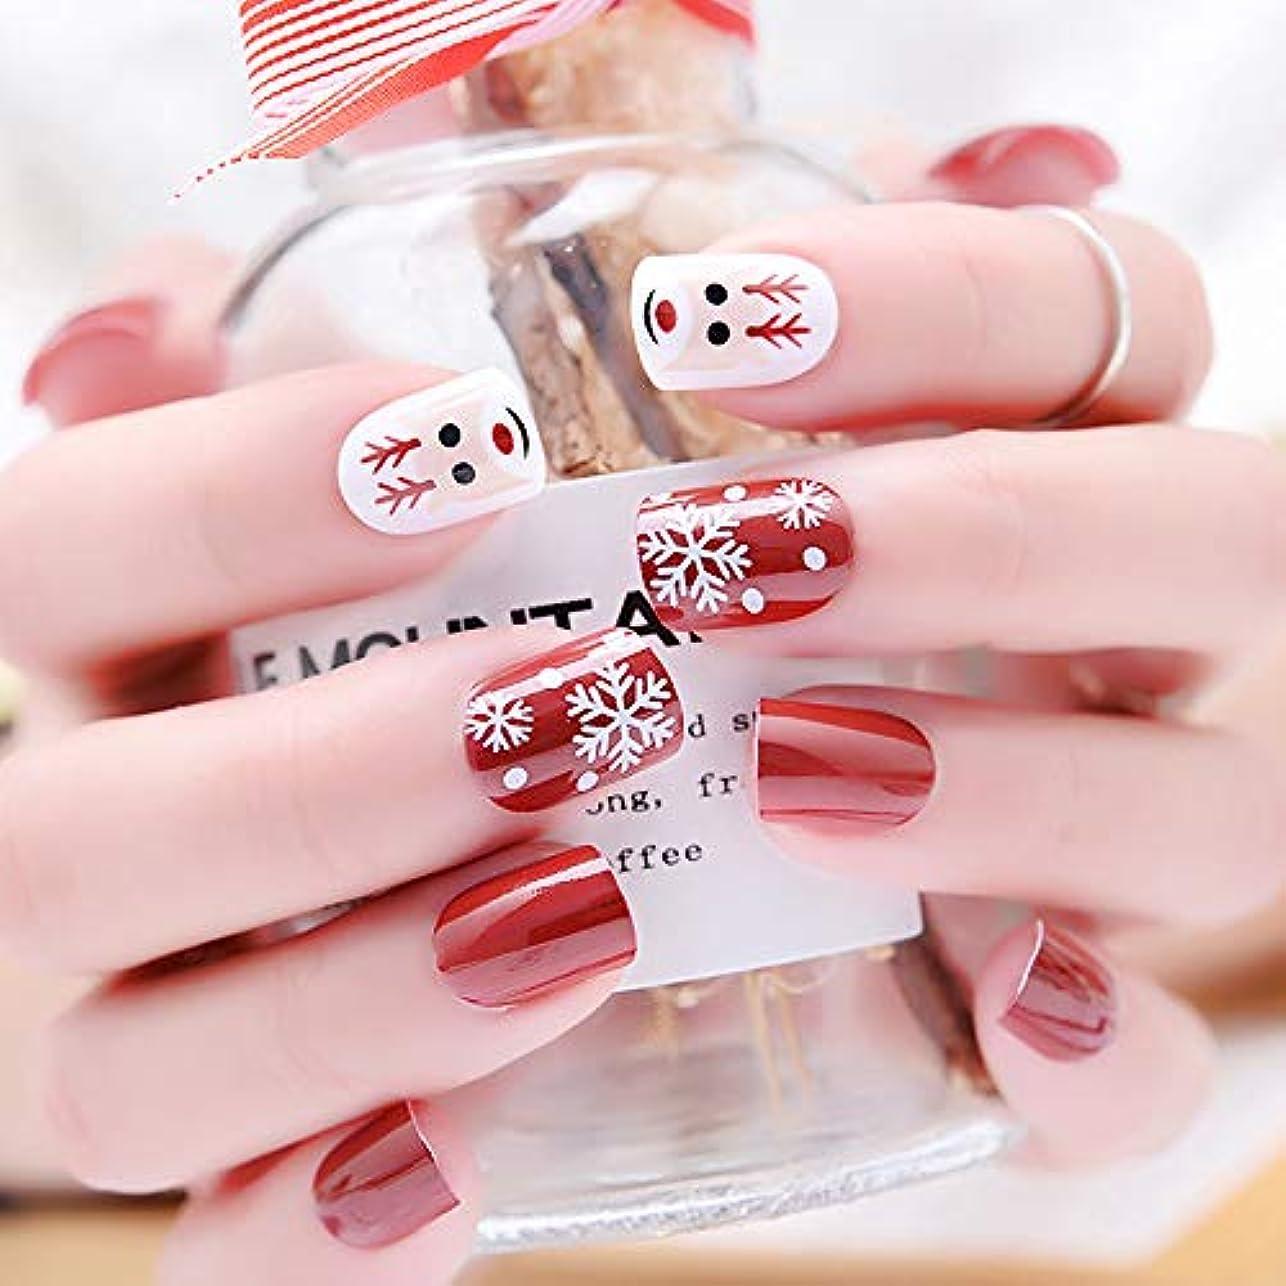 黙許可透けるXUTXZKA 休日のネイルアートのヒントの装飾のための24pcsフェイクネイルスノーフレーク人工爪